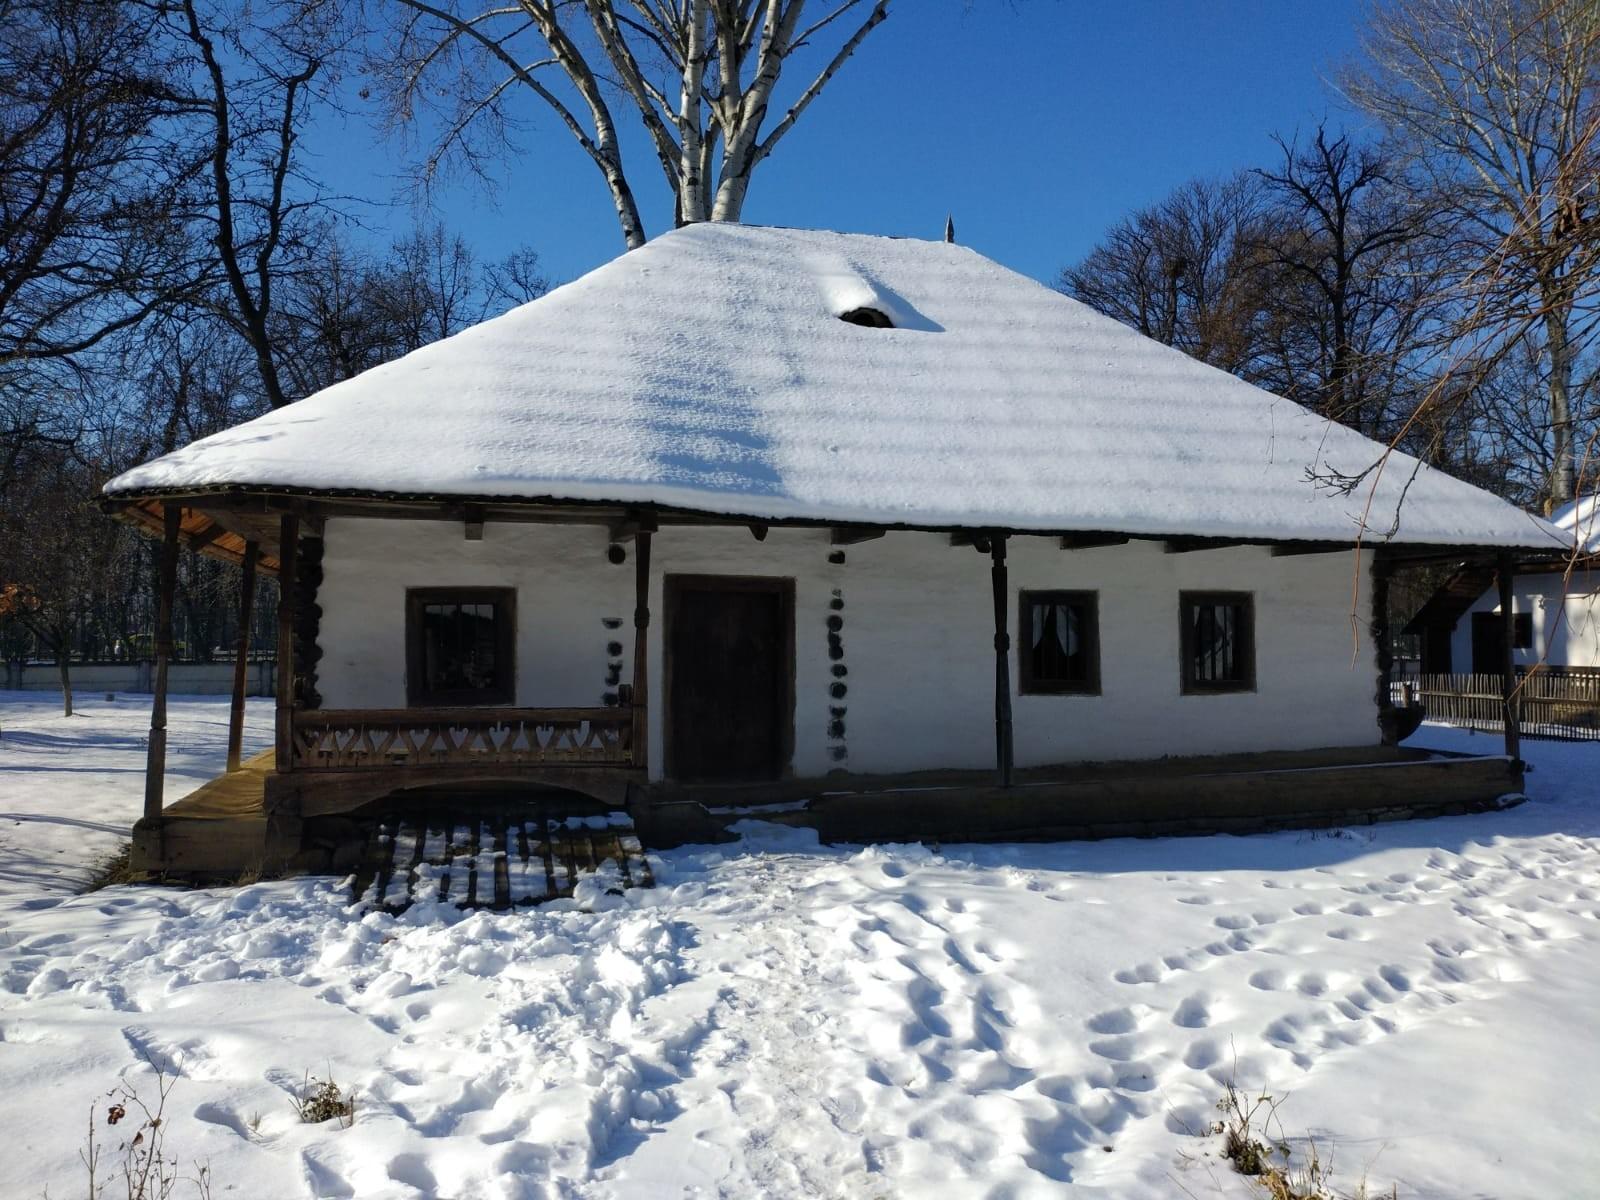 museo-villaggio-dimitrie-gusti-e81a824bc